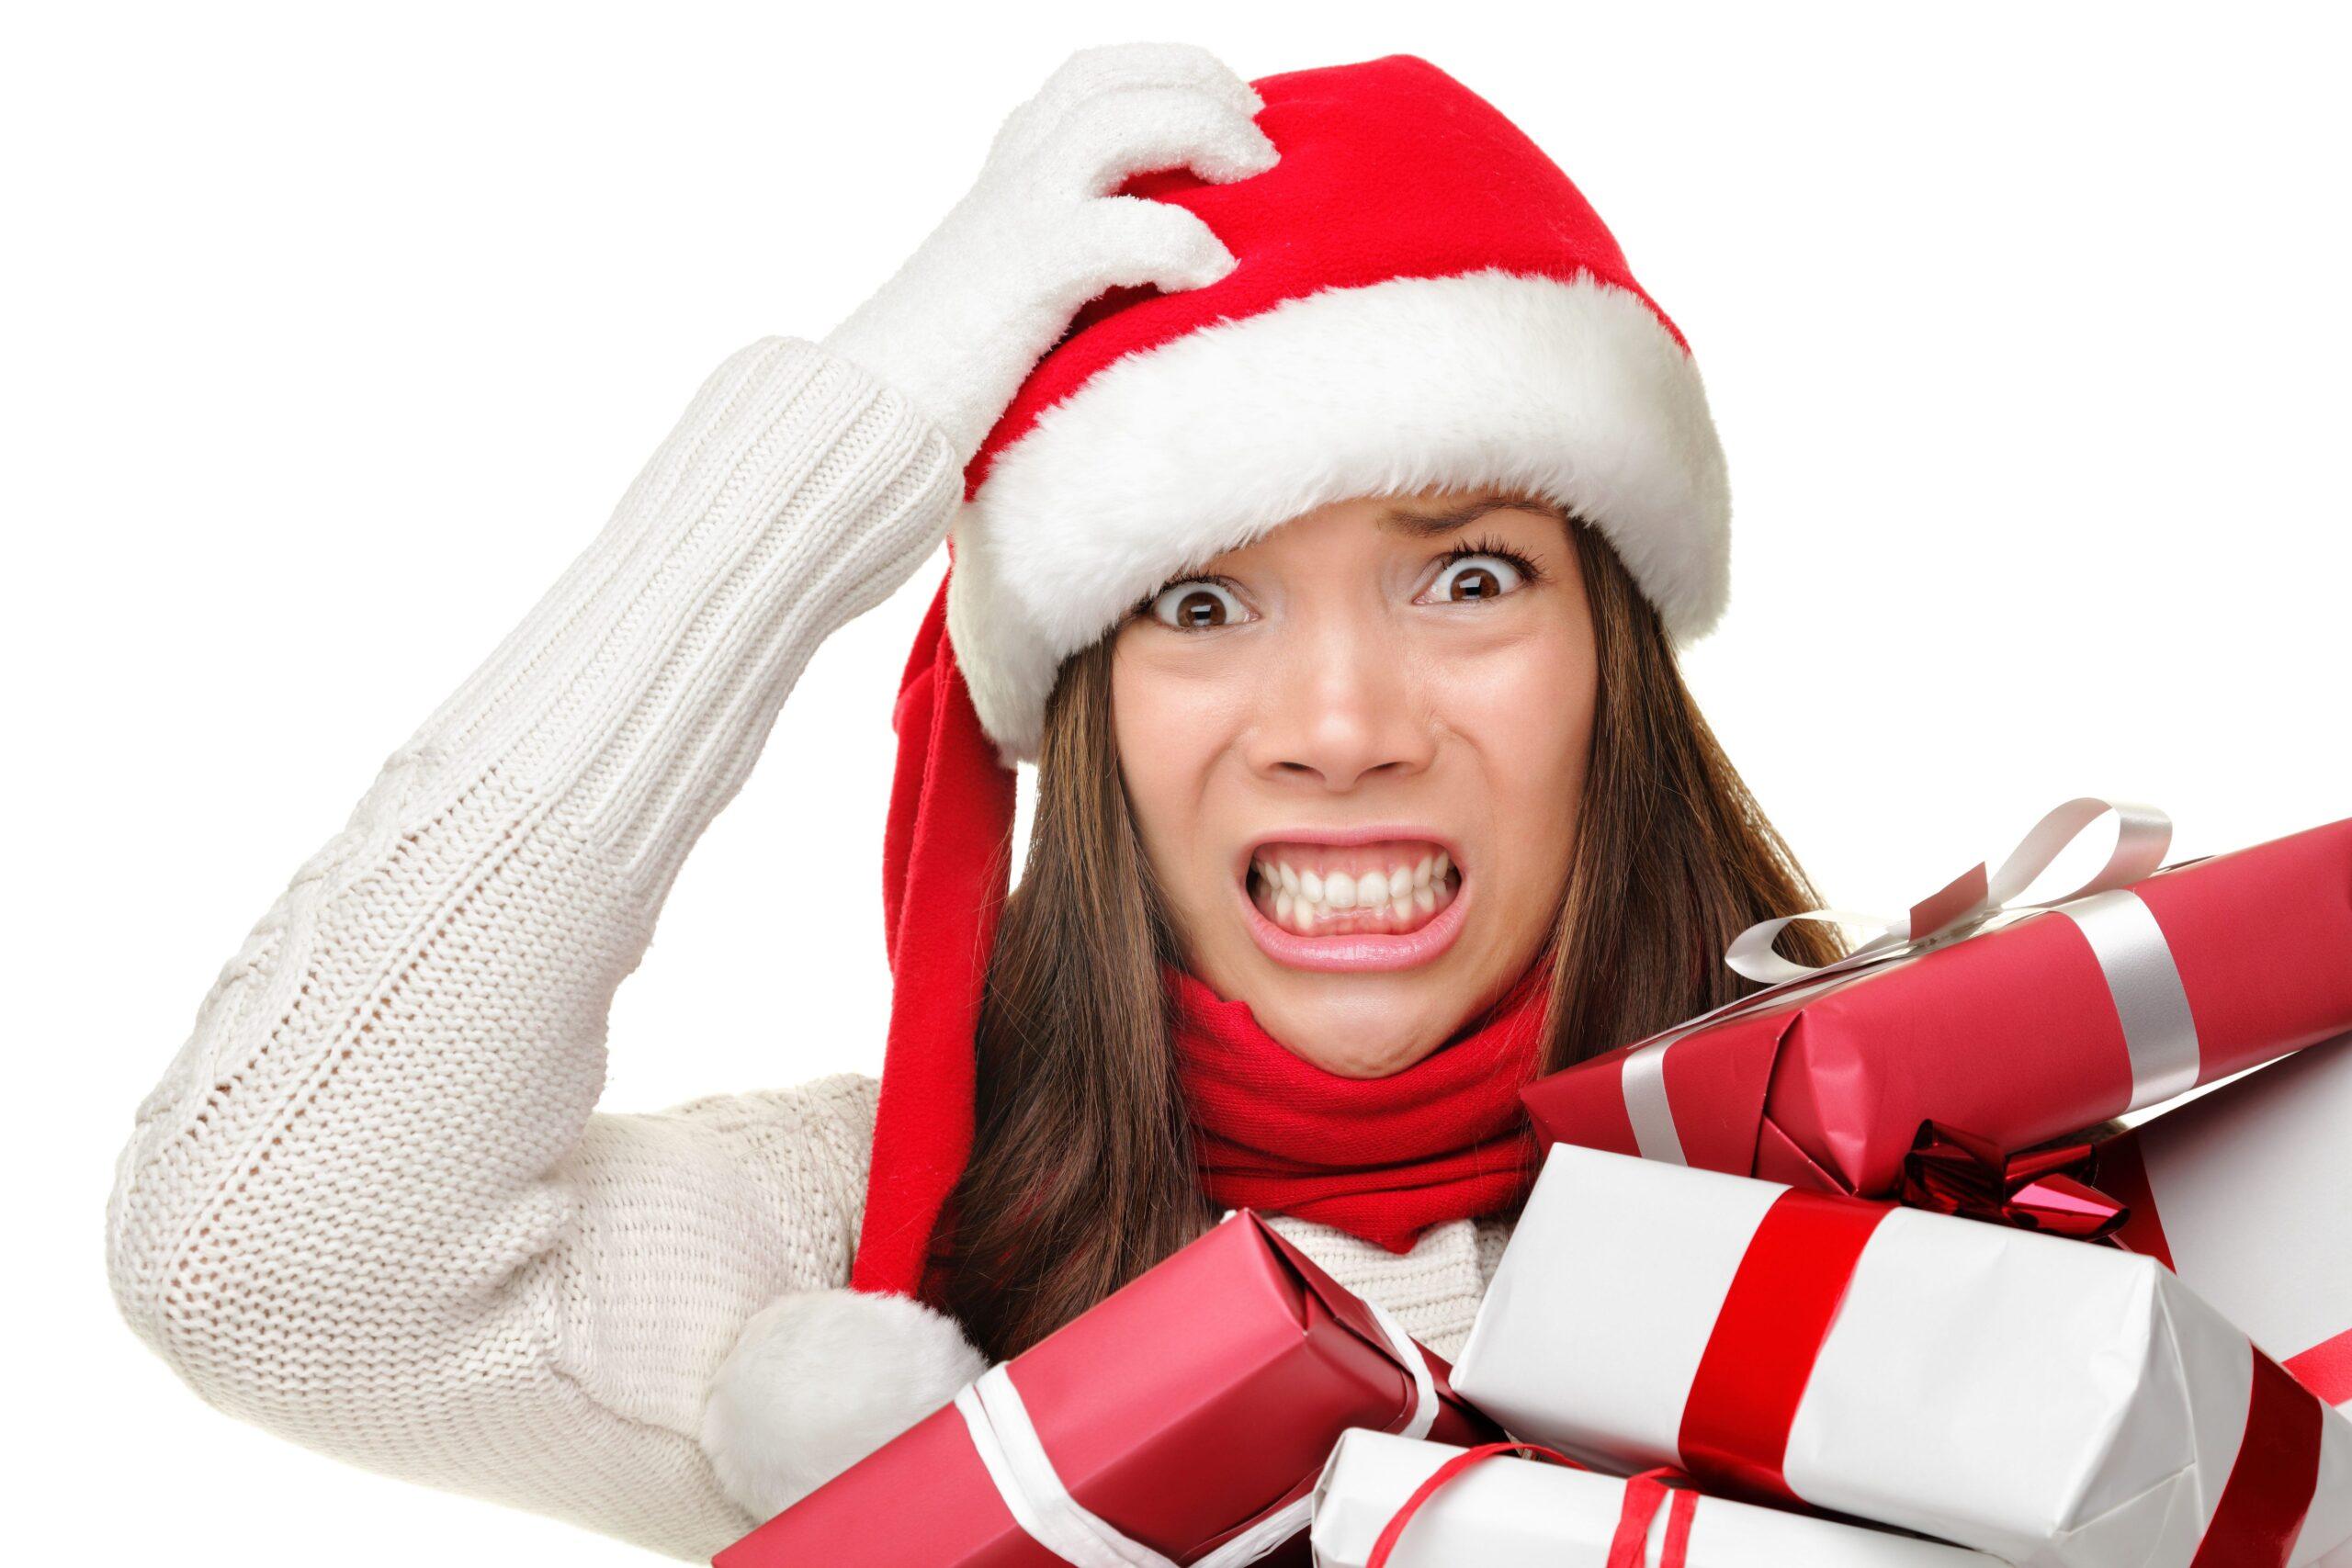 Il maglione di Natale che non dovreste indossare mai